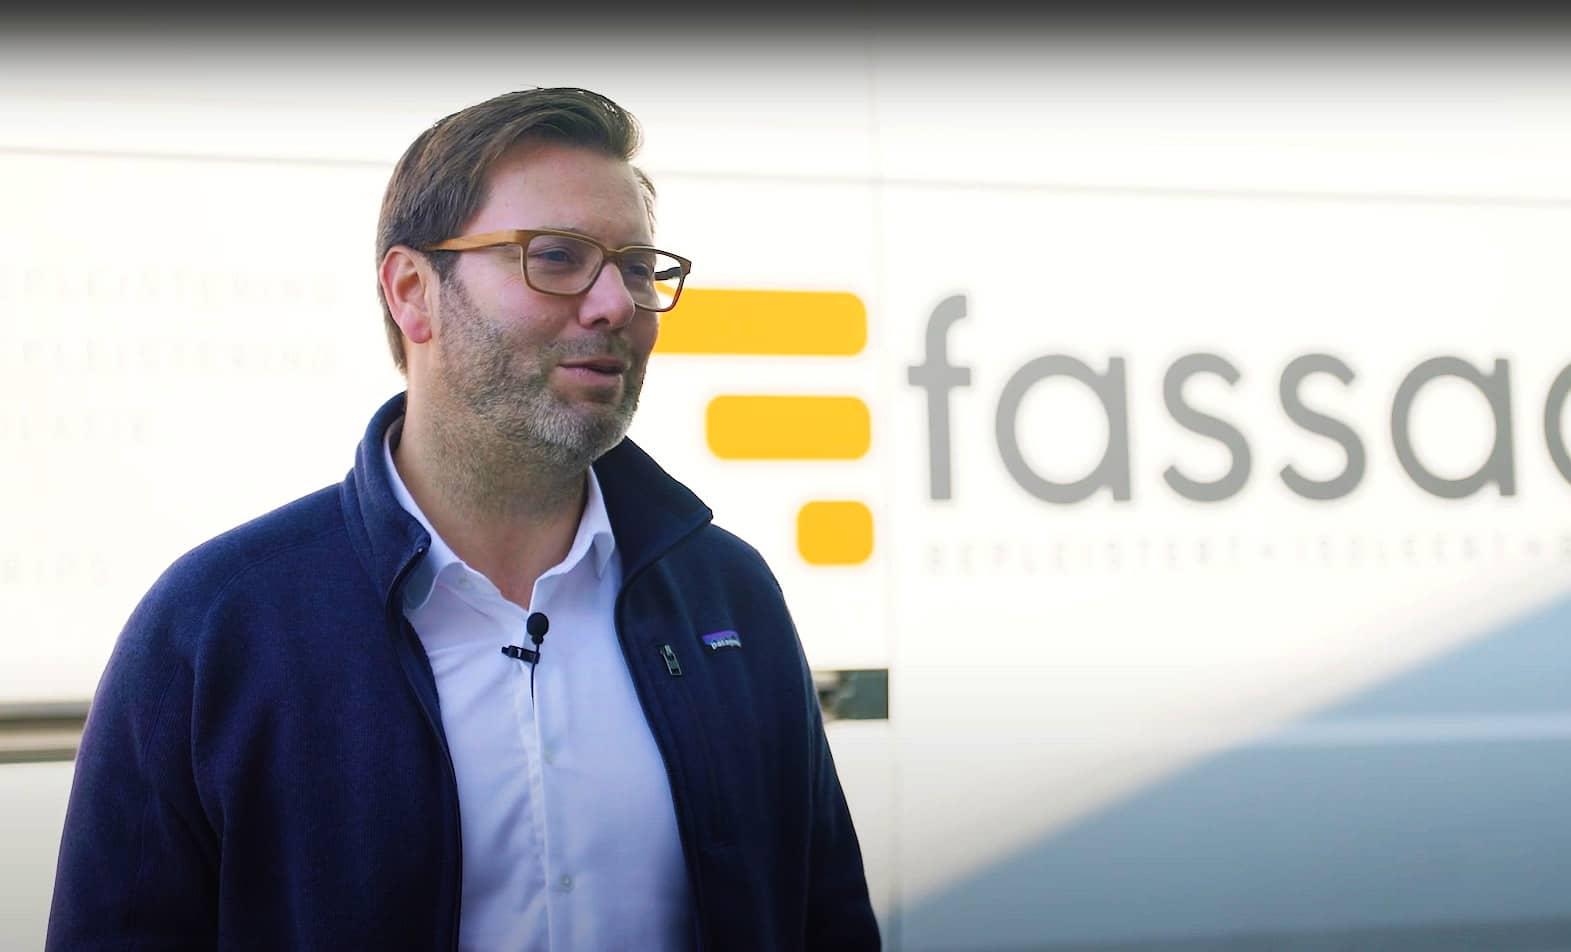 Frederik Fassado Water-Dicht